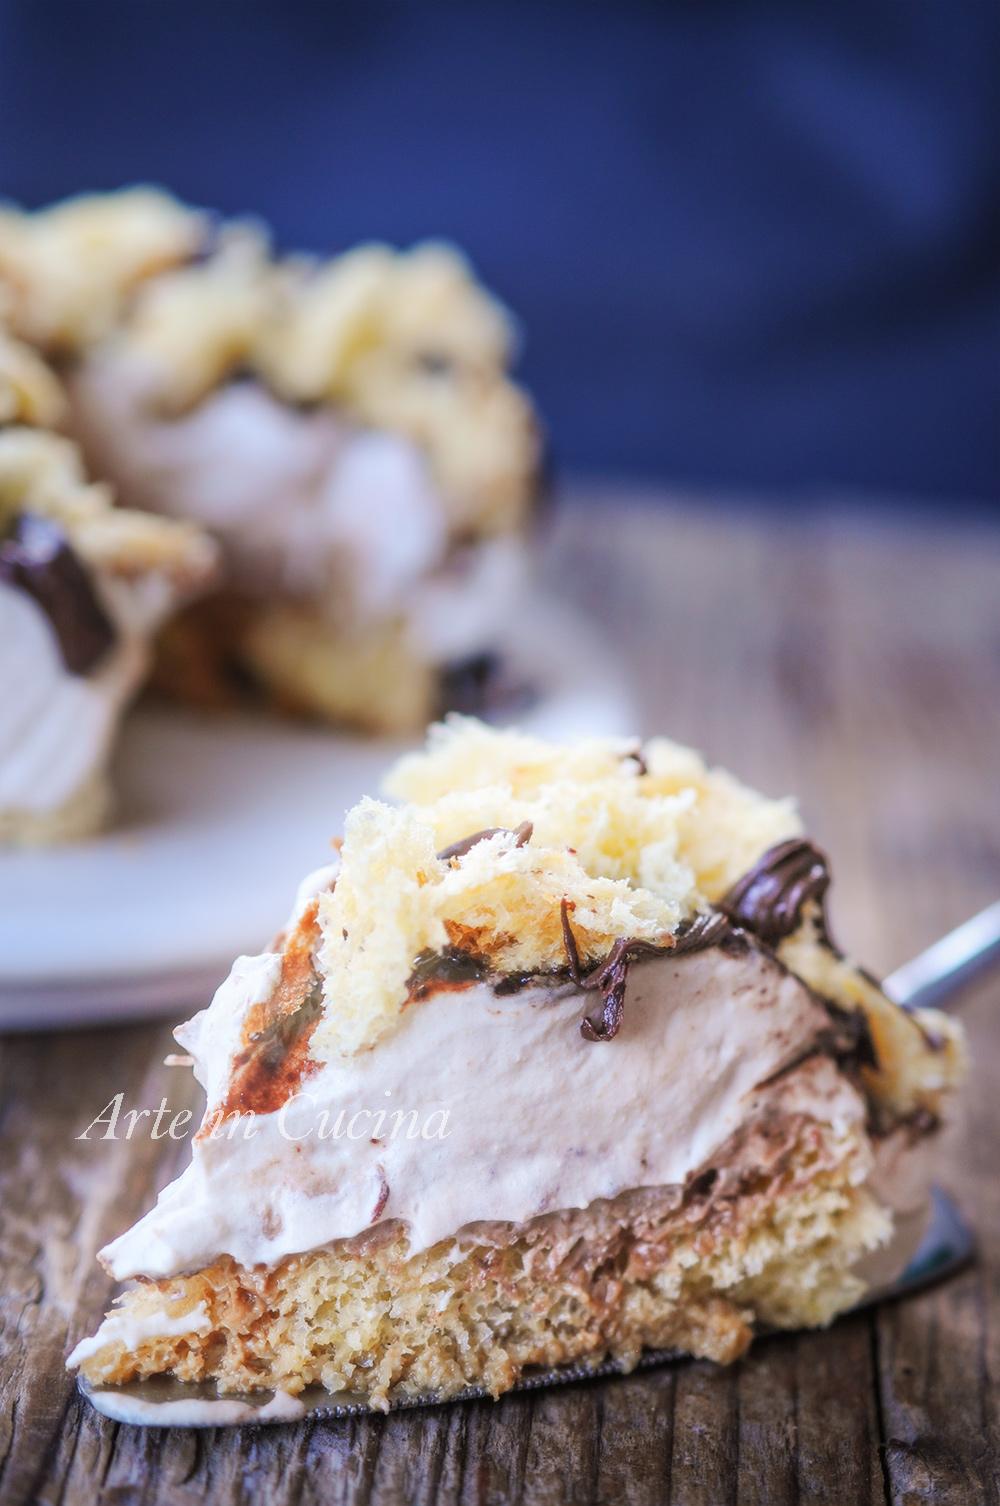 Sbriciolata di pandoro tiramisu e nutella dolce veloce vickyart arte in cucina